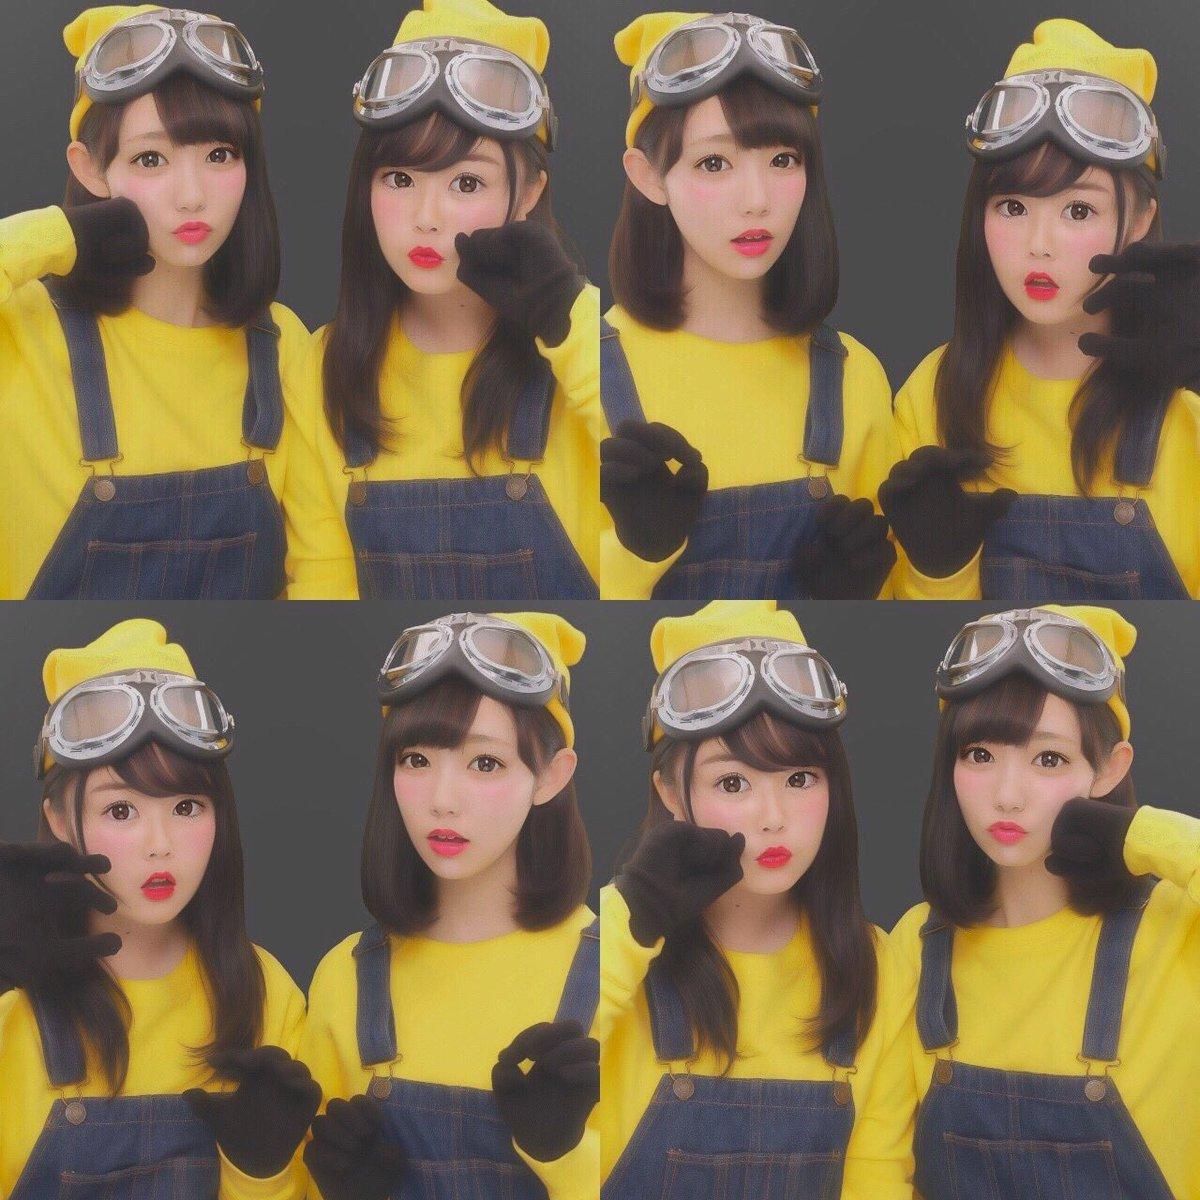 オフパコしたい渋谷の過激露出エロコスハロウィンエロ画像10枚目